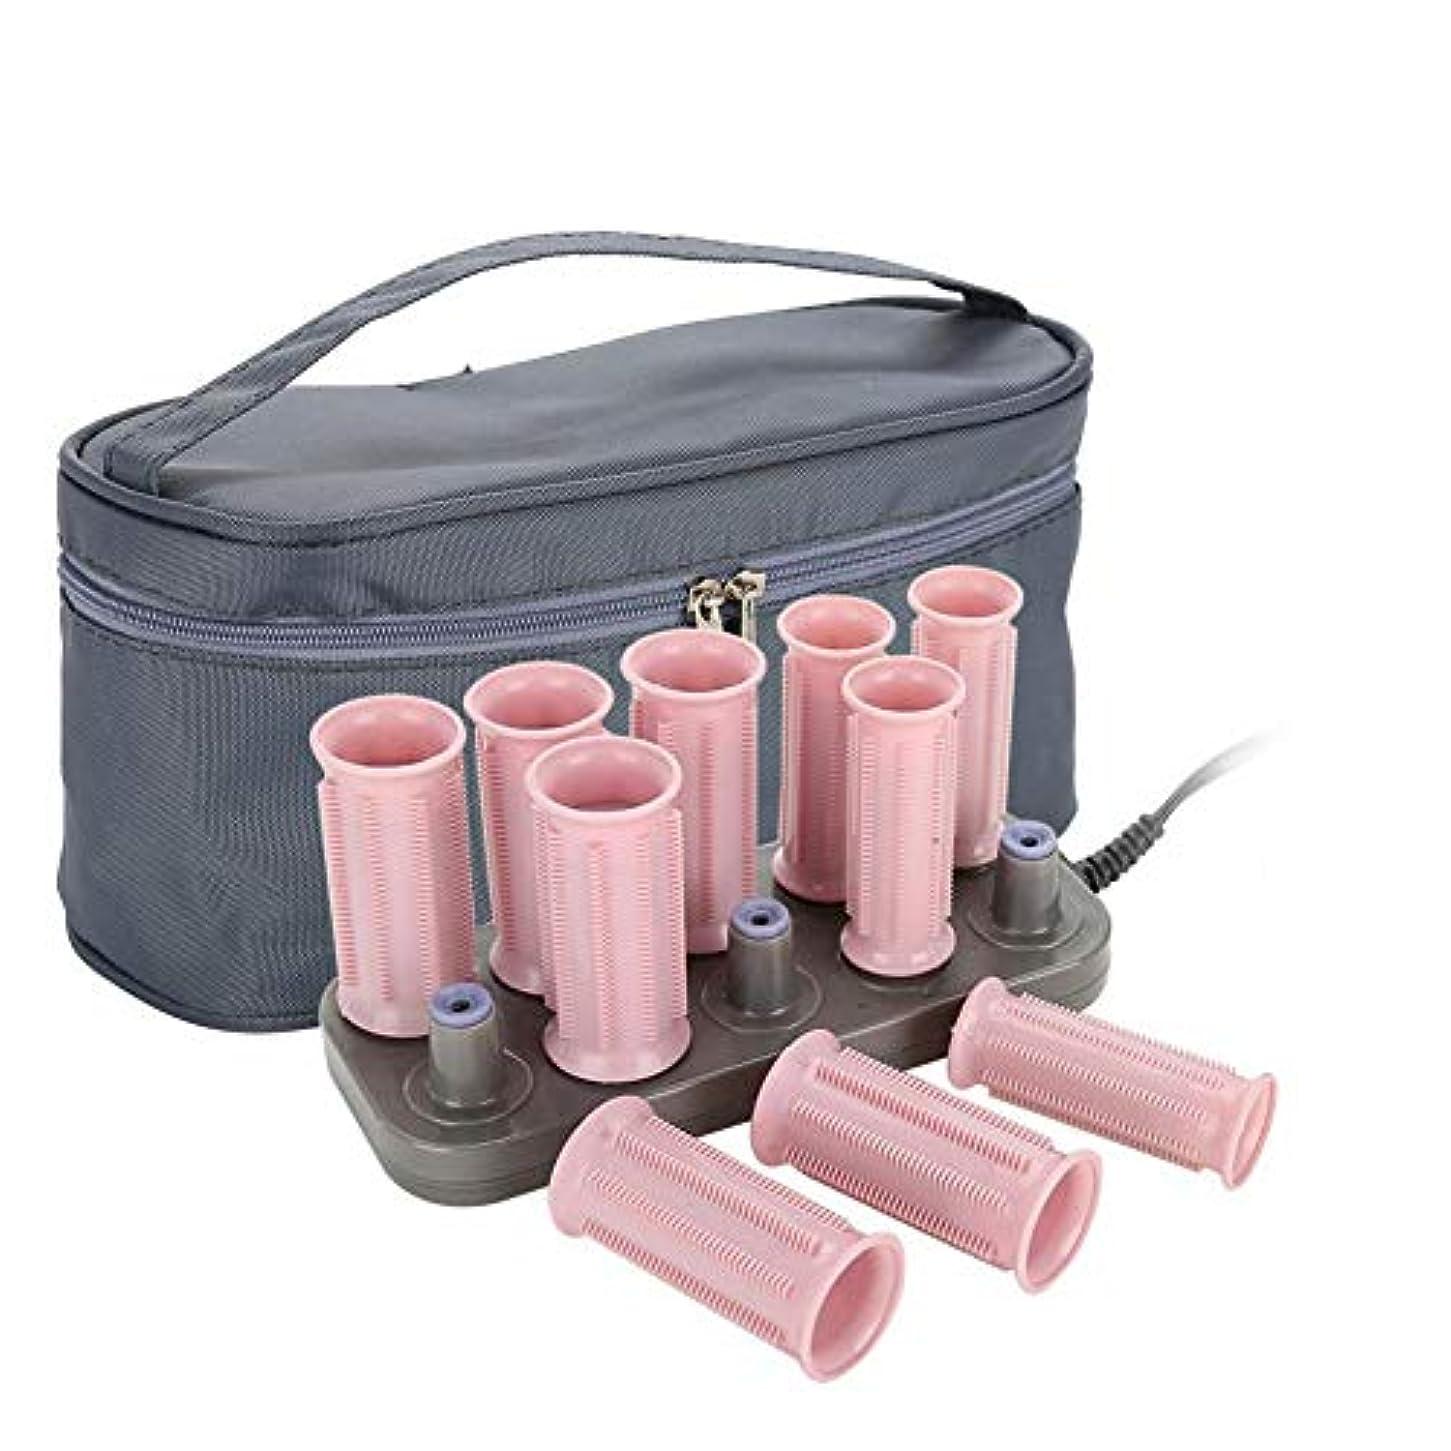 選ぶコマンド結核ローラーホットポッドヘアスタイリングツール、10ピースプロフェッショナル電気加熱ローラーカーリングロールdiyヘアスタイルヘアチューブ(クラシックスタイル)